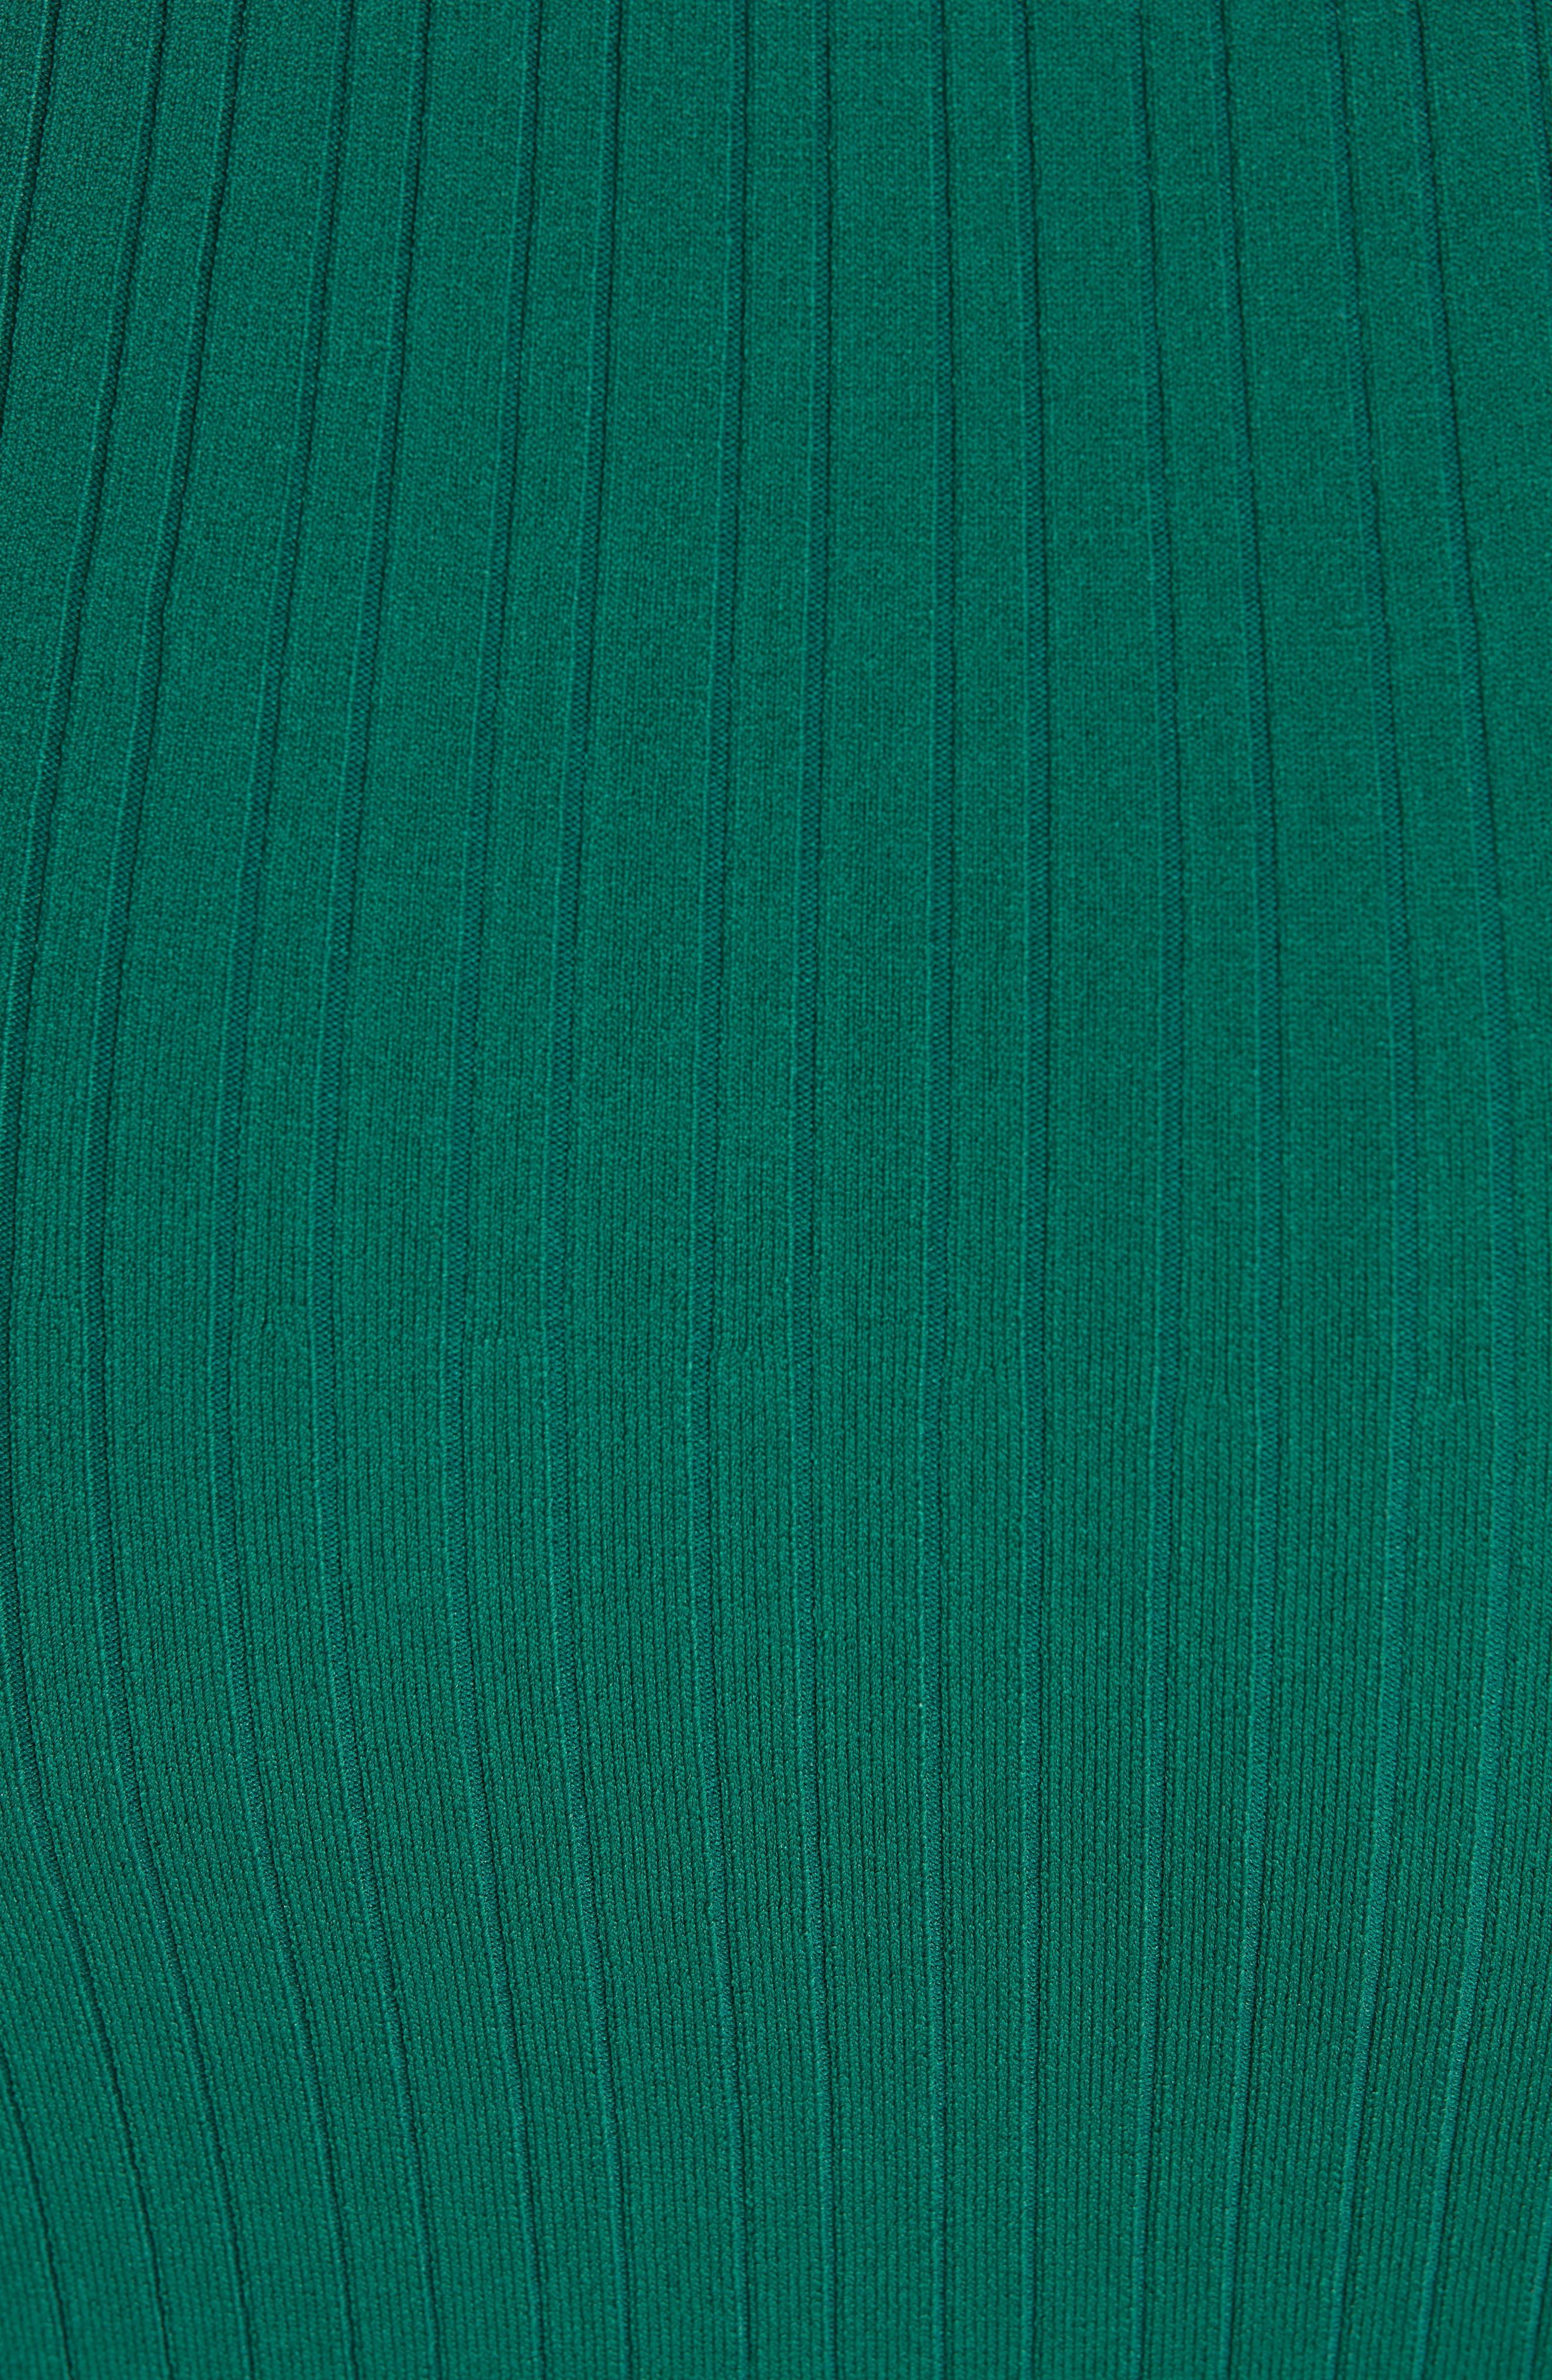 Rib Knit Midi Dress,                             Alternate thumbnail 9, color,